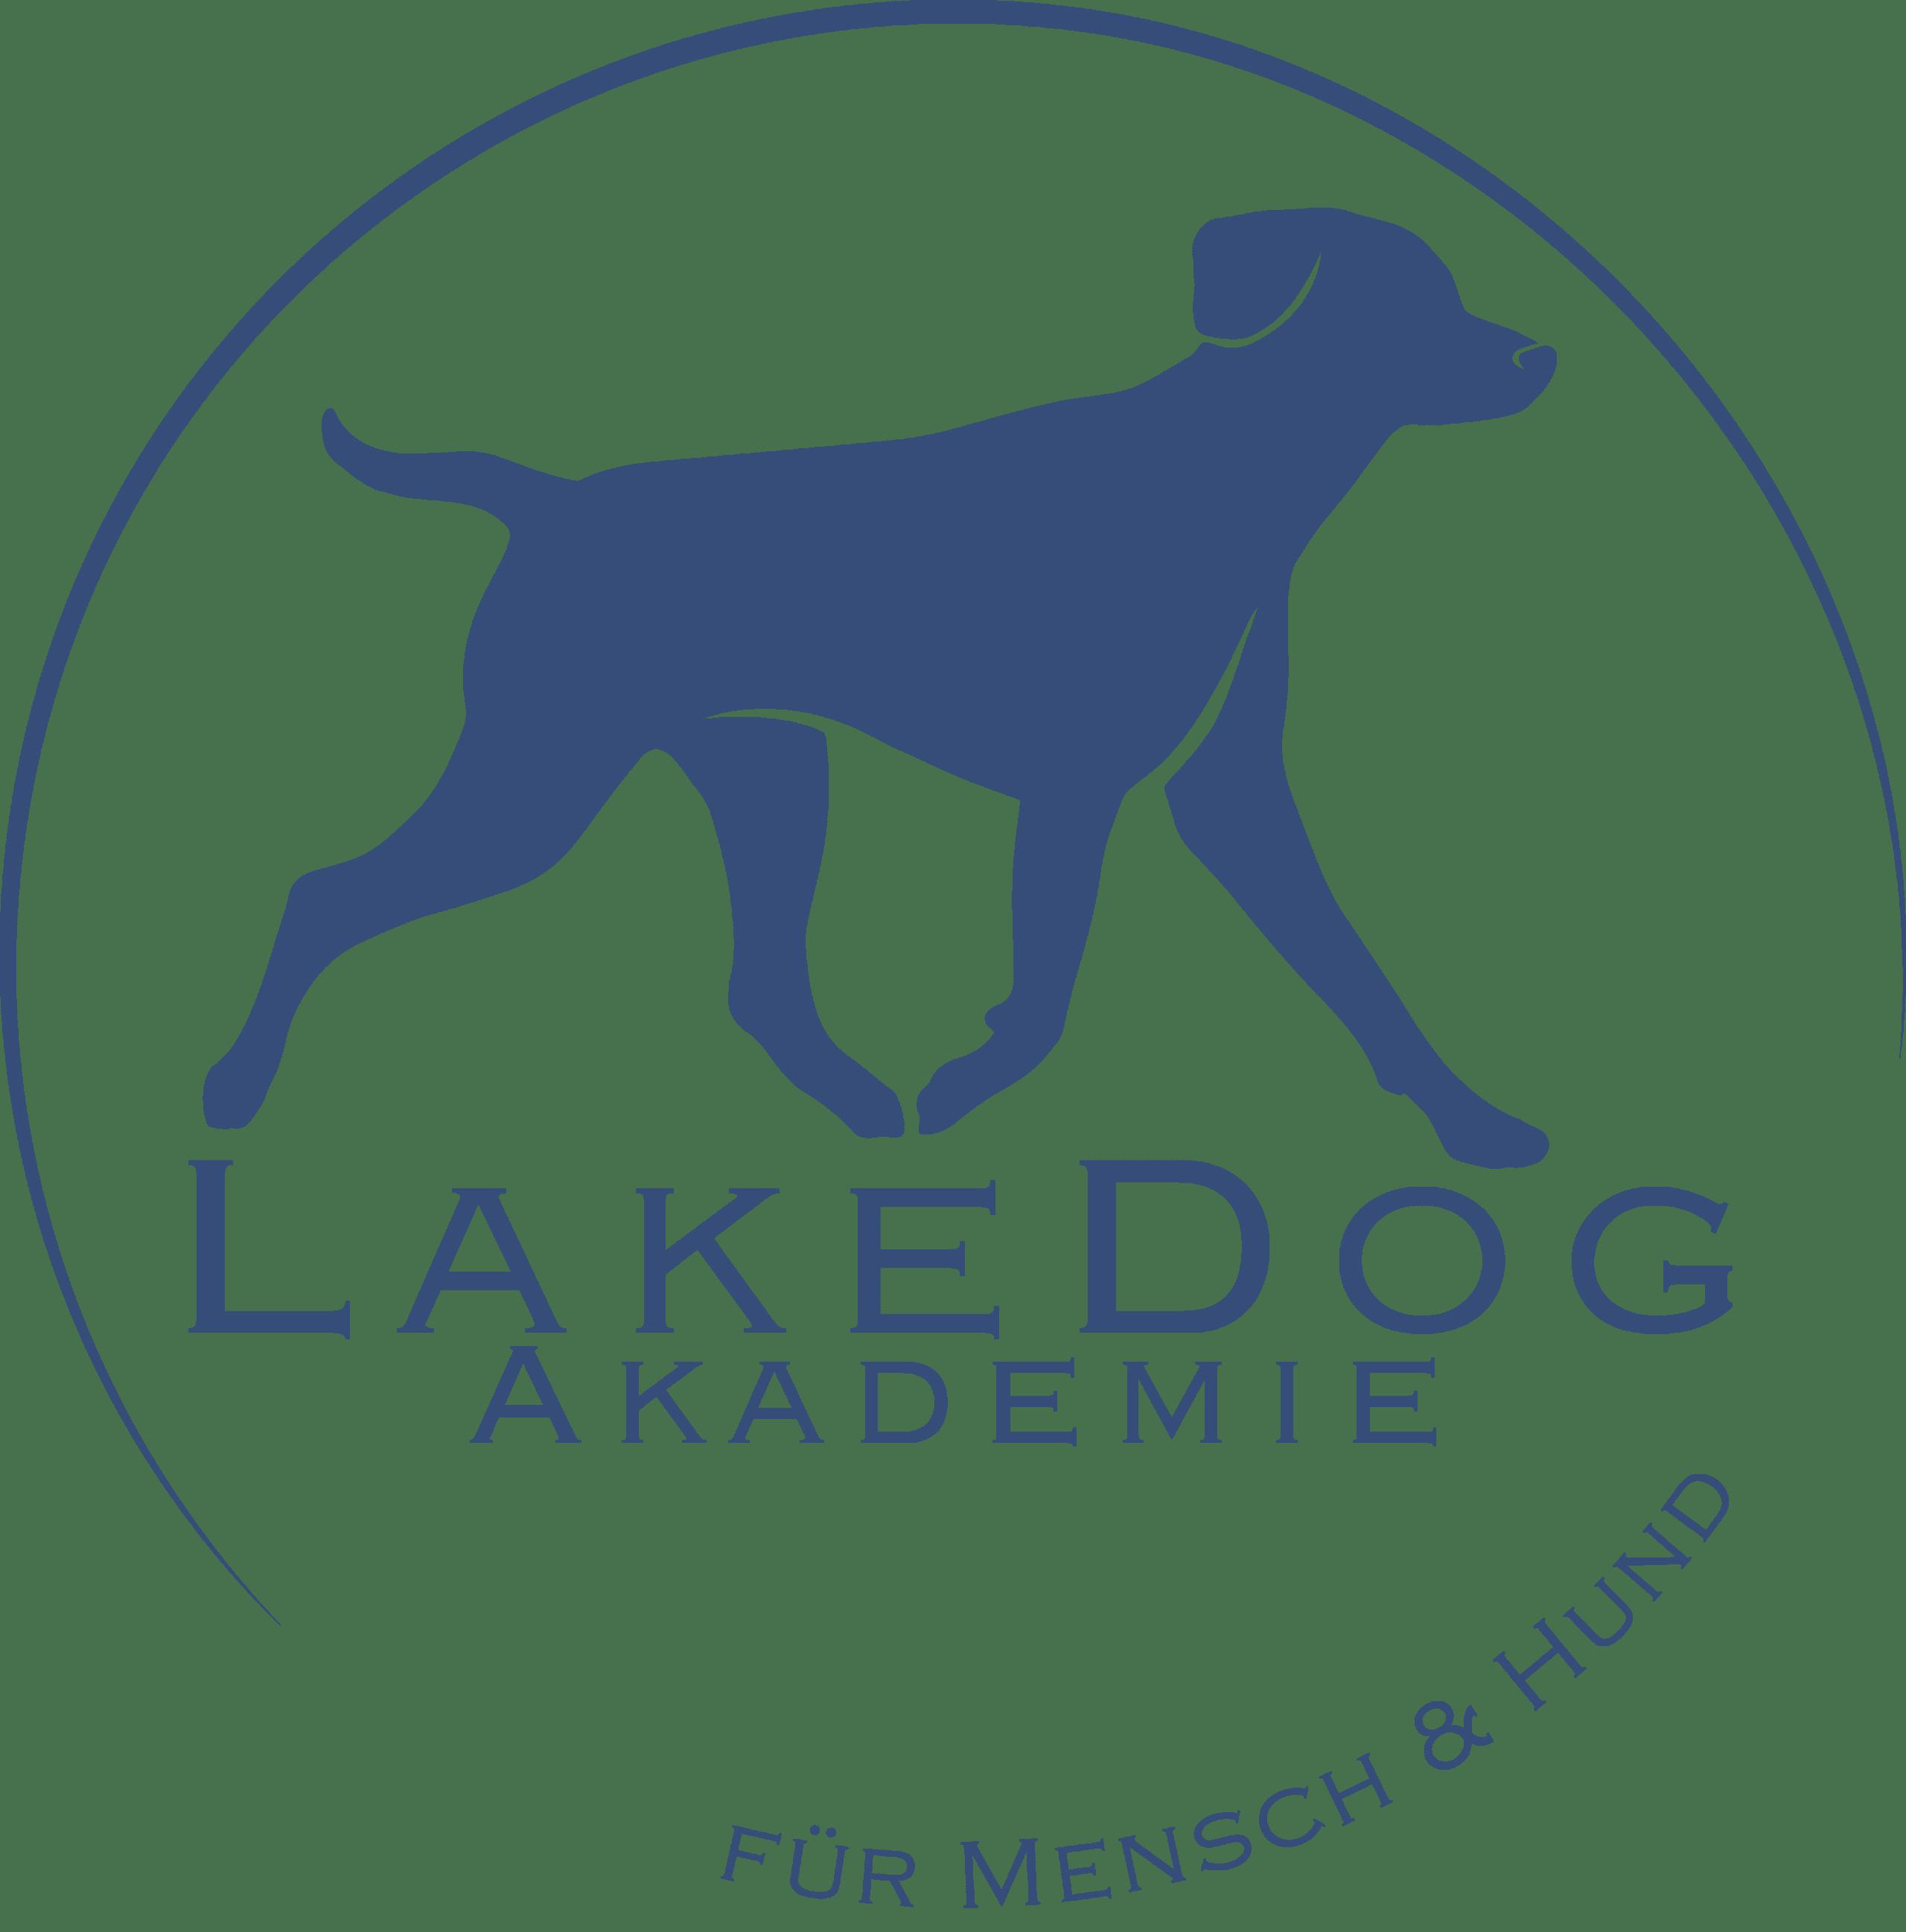 ISOGRAF - LakeDog Akademie ISO 29993 Zertifizierung